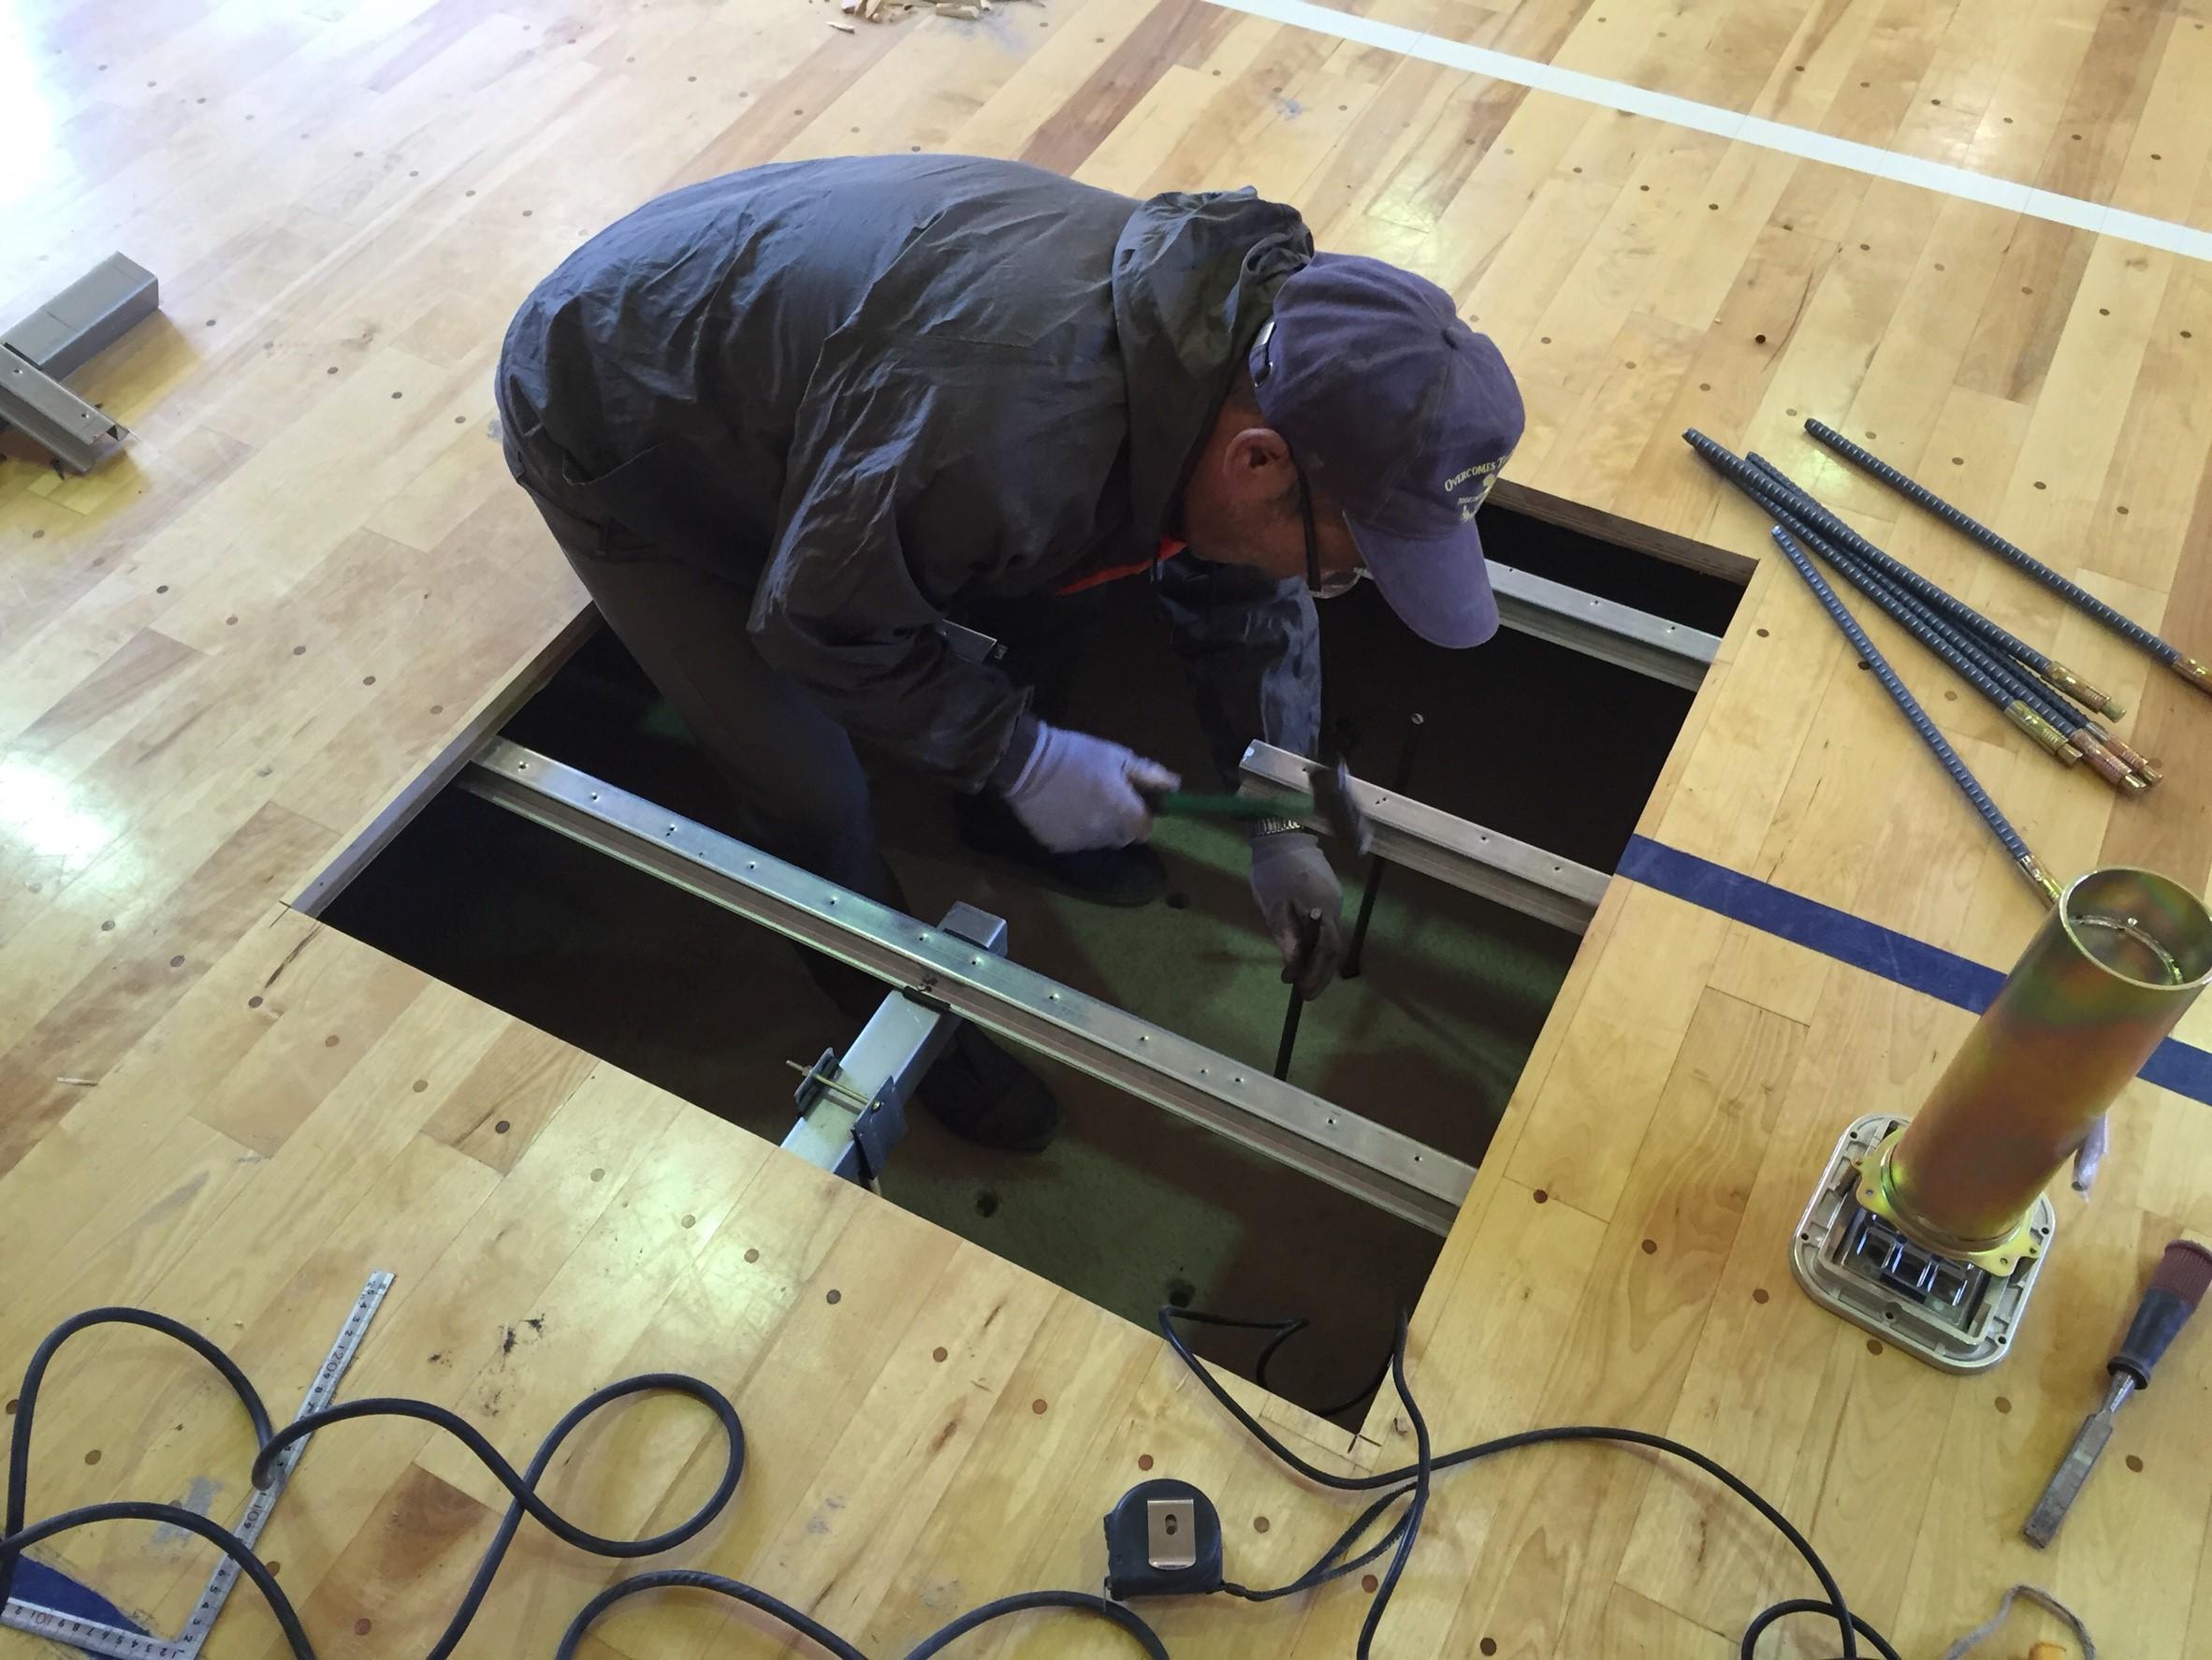 体育館バレーボール用基礎改修及びスライド式床金具設置工事